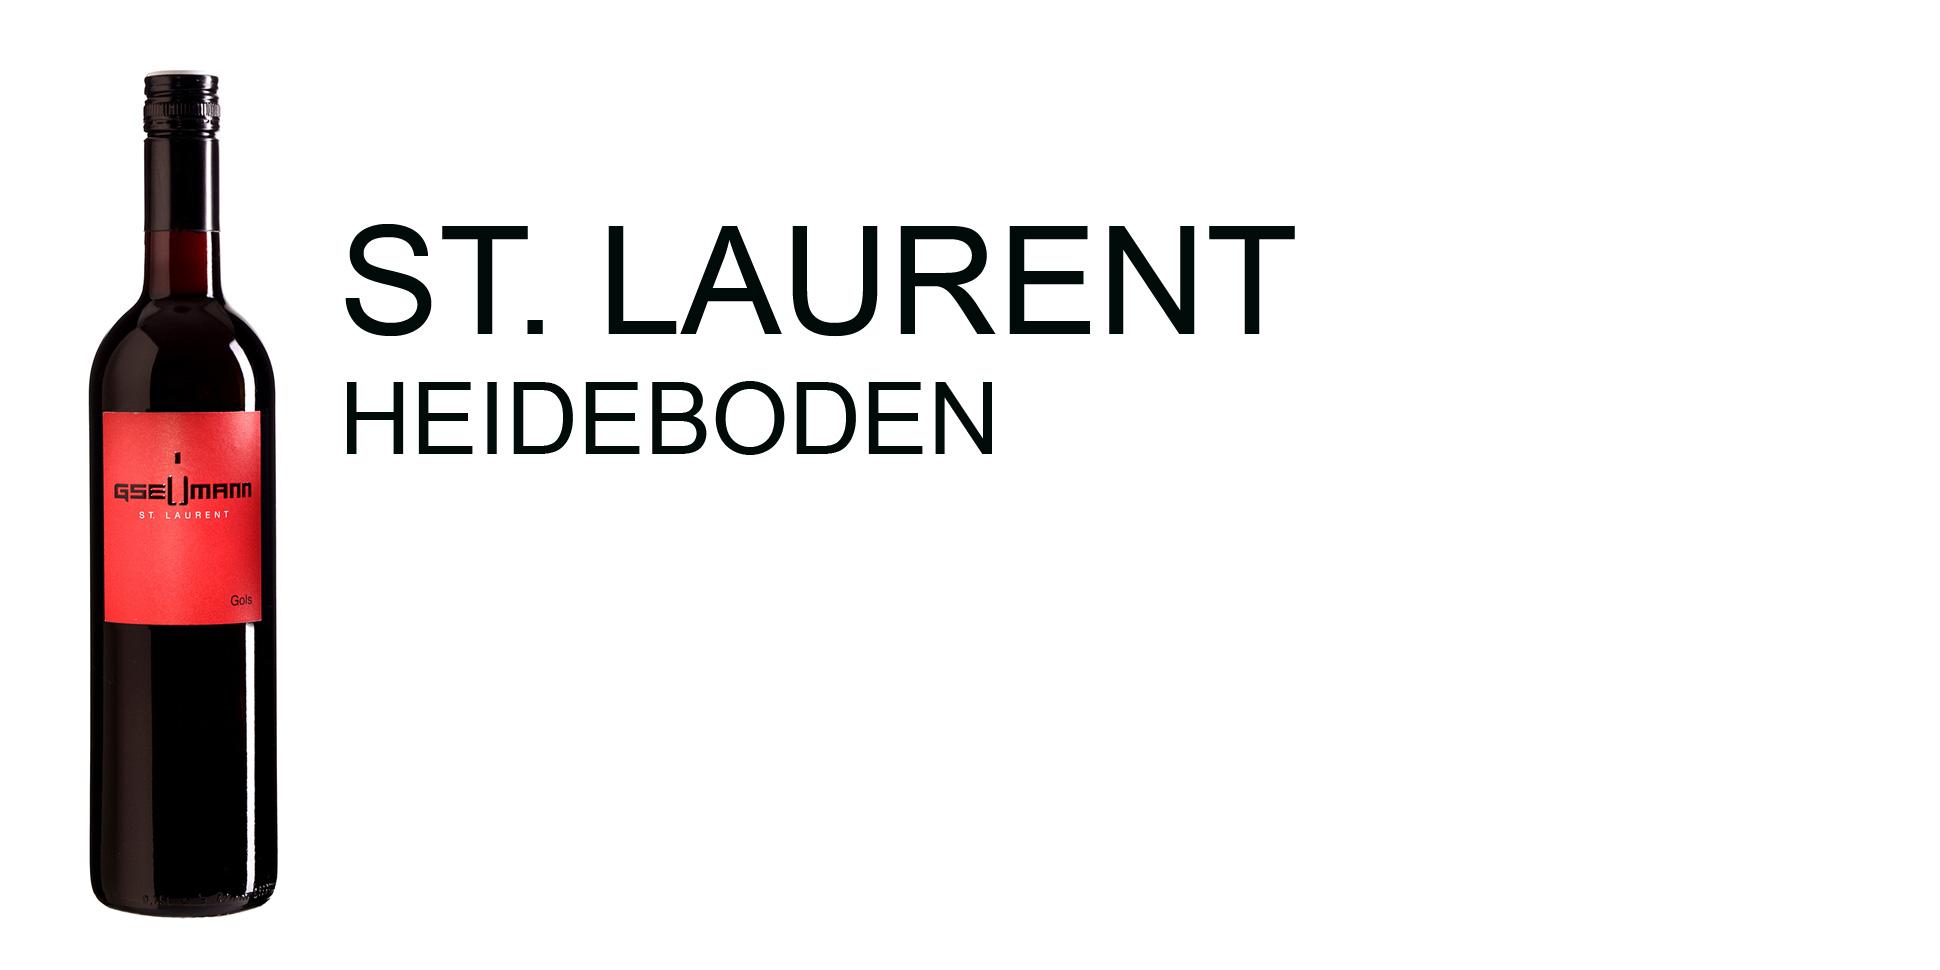 St. Laurent Heideboden